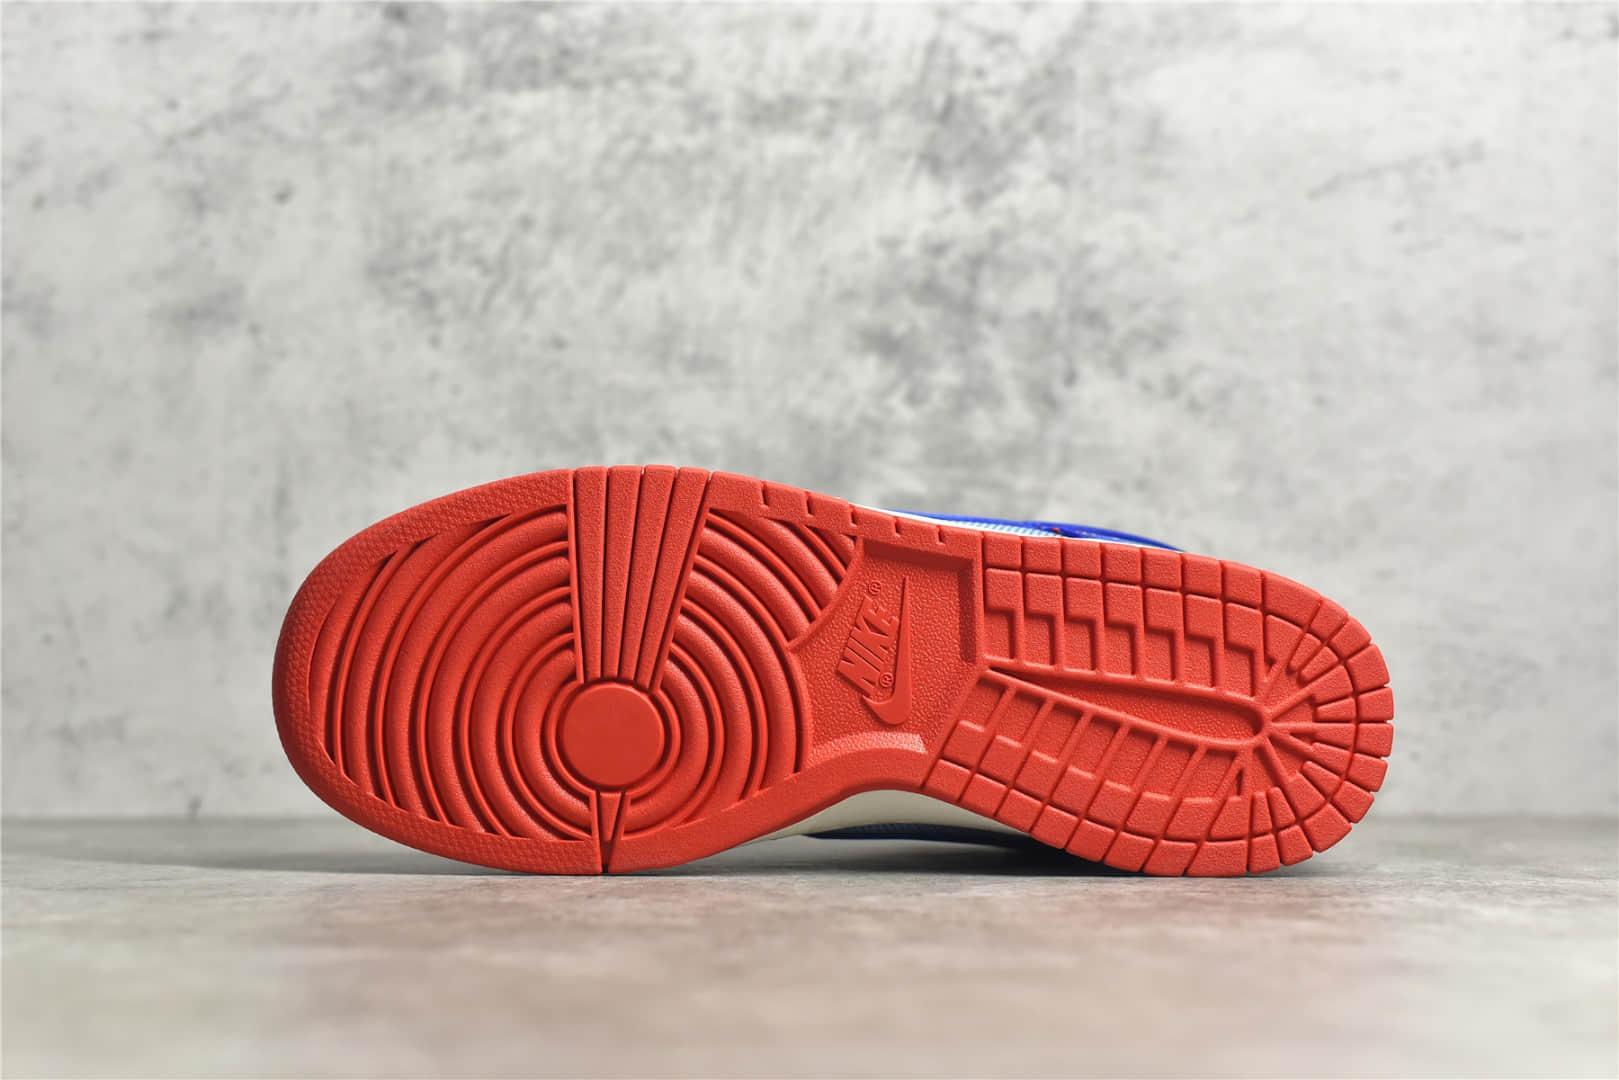 耐克Dunk双层刮刮乐低帮 耐克Dunk鞭炮 Nike Dunk Low Firecracker 耐克Dunk涂鸦低帮新款 货号:DH4966-446-潮流者之家